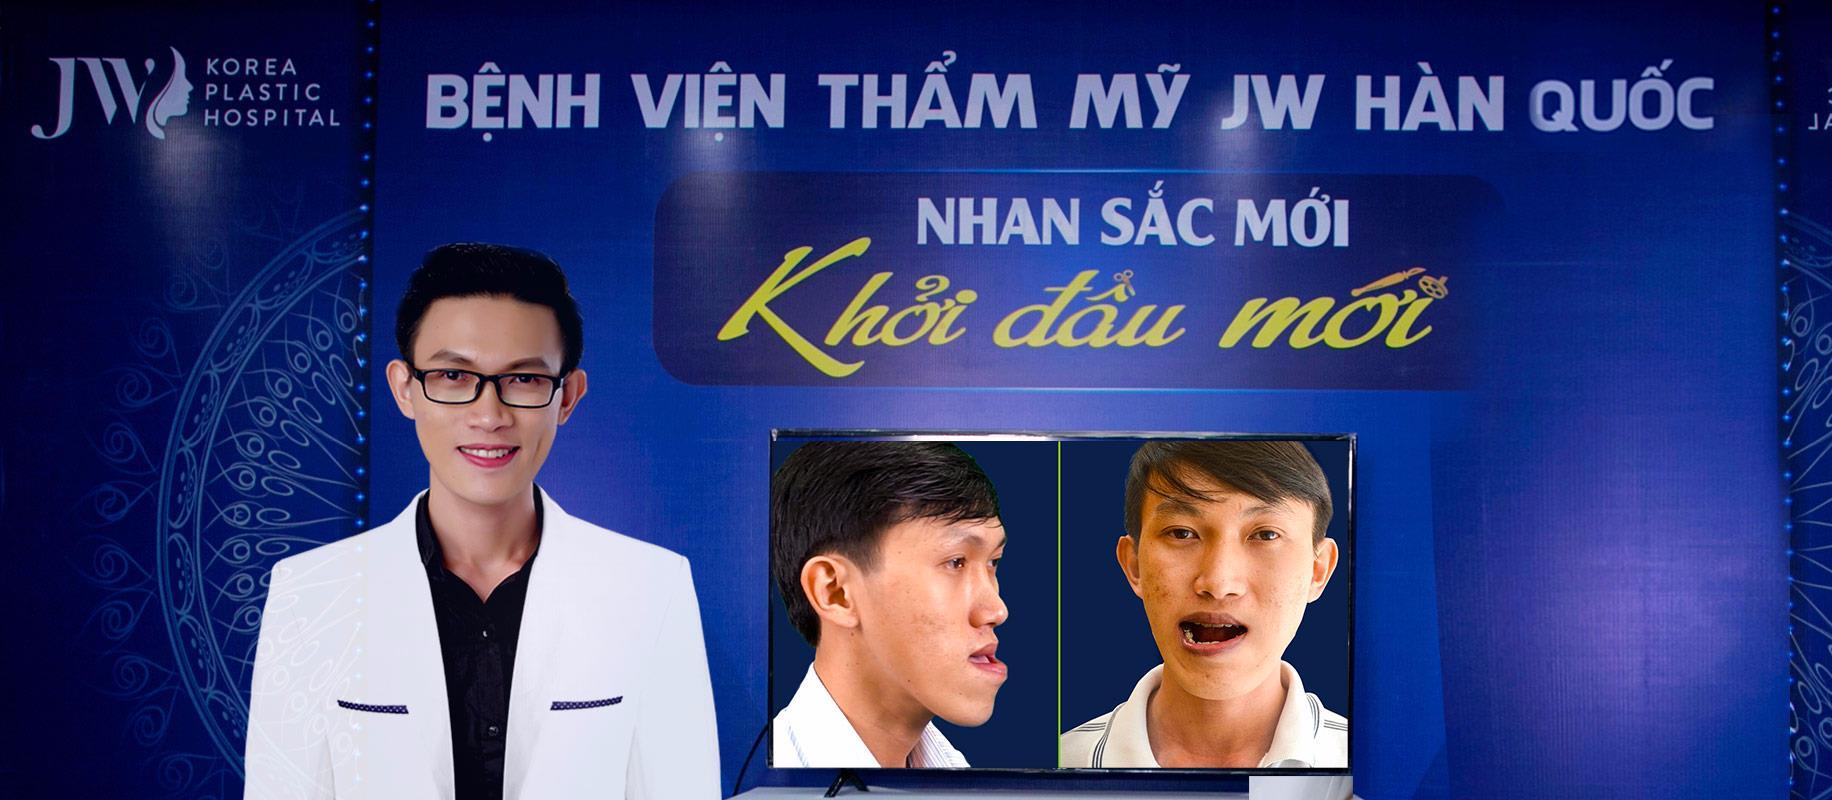 Ca sĩ Phạm Quỳnh Anh bất ngờ trước nhan sắc mới của thạc sĩ xe ôm Duy Phương - Ảnh 2.